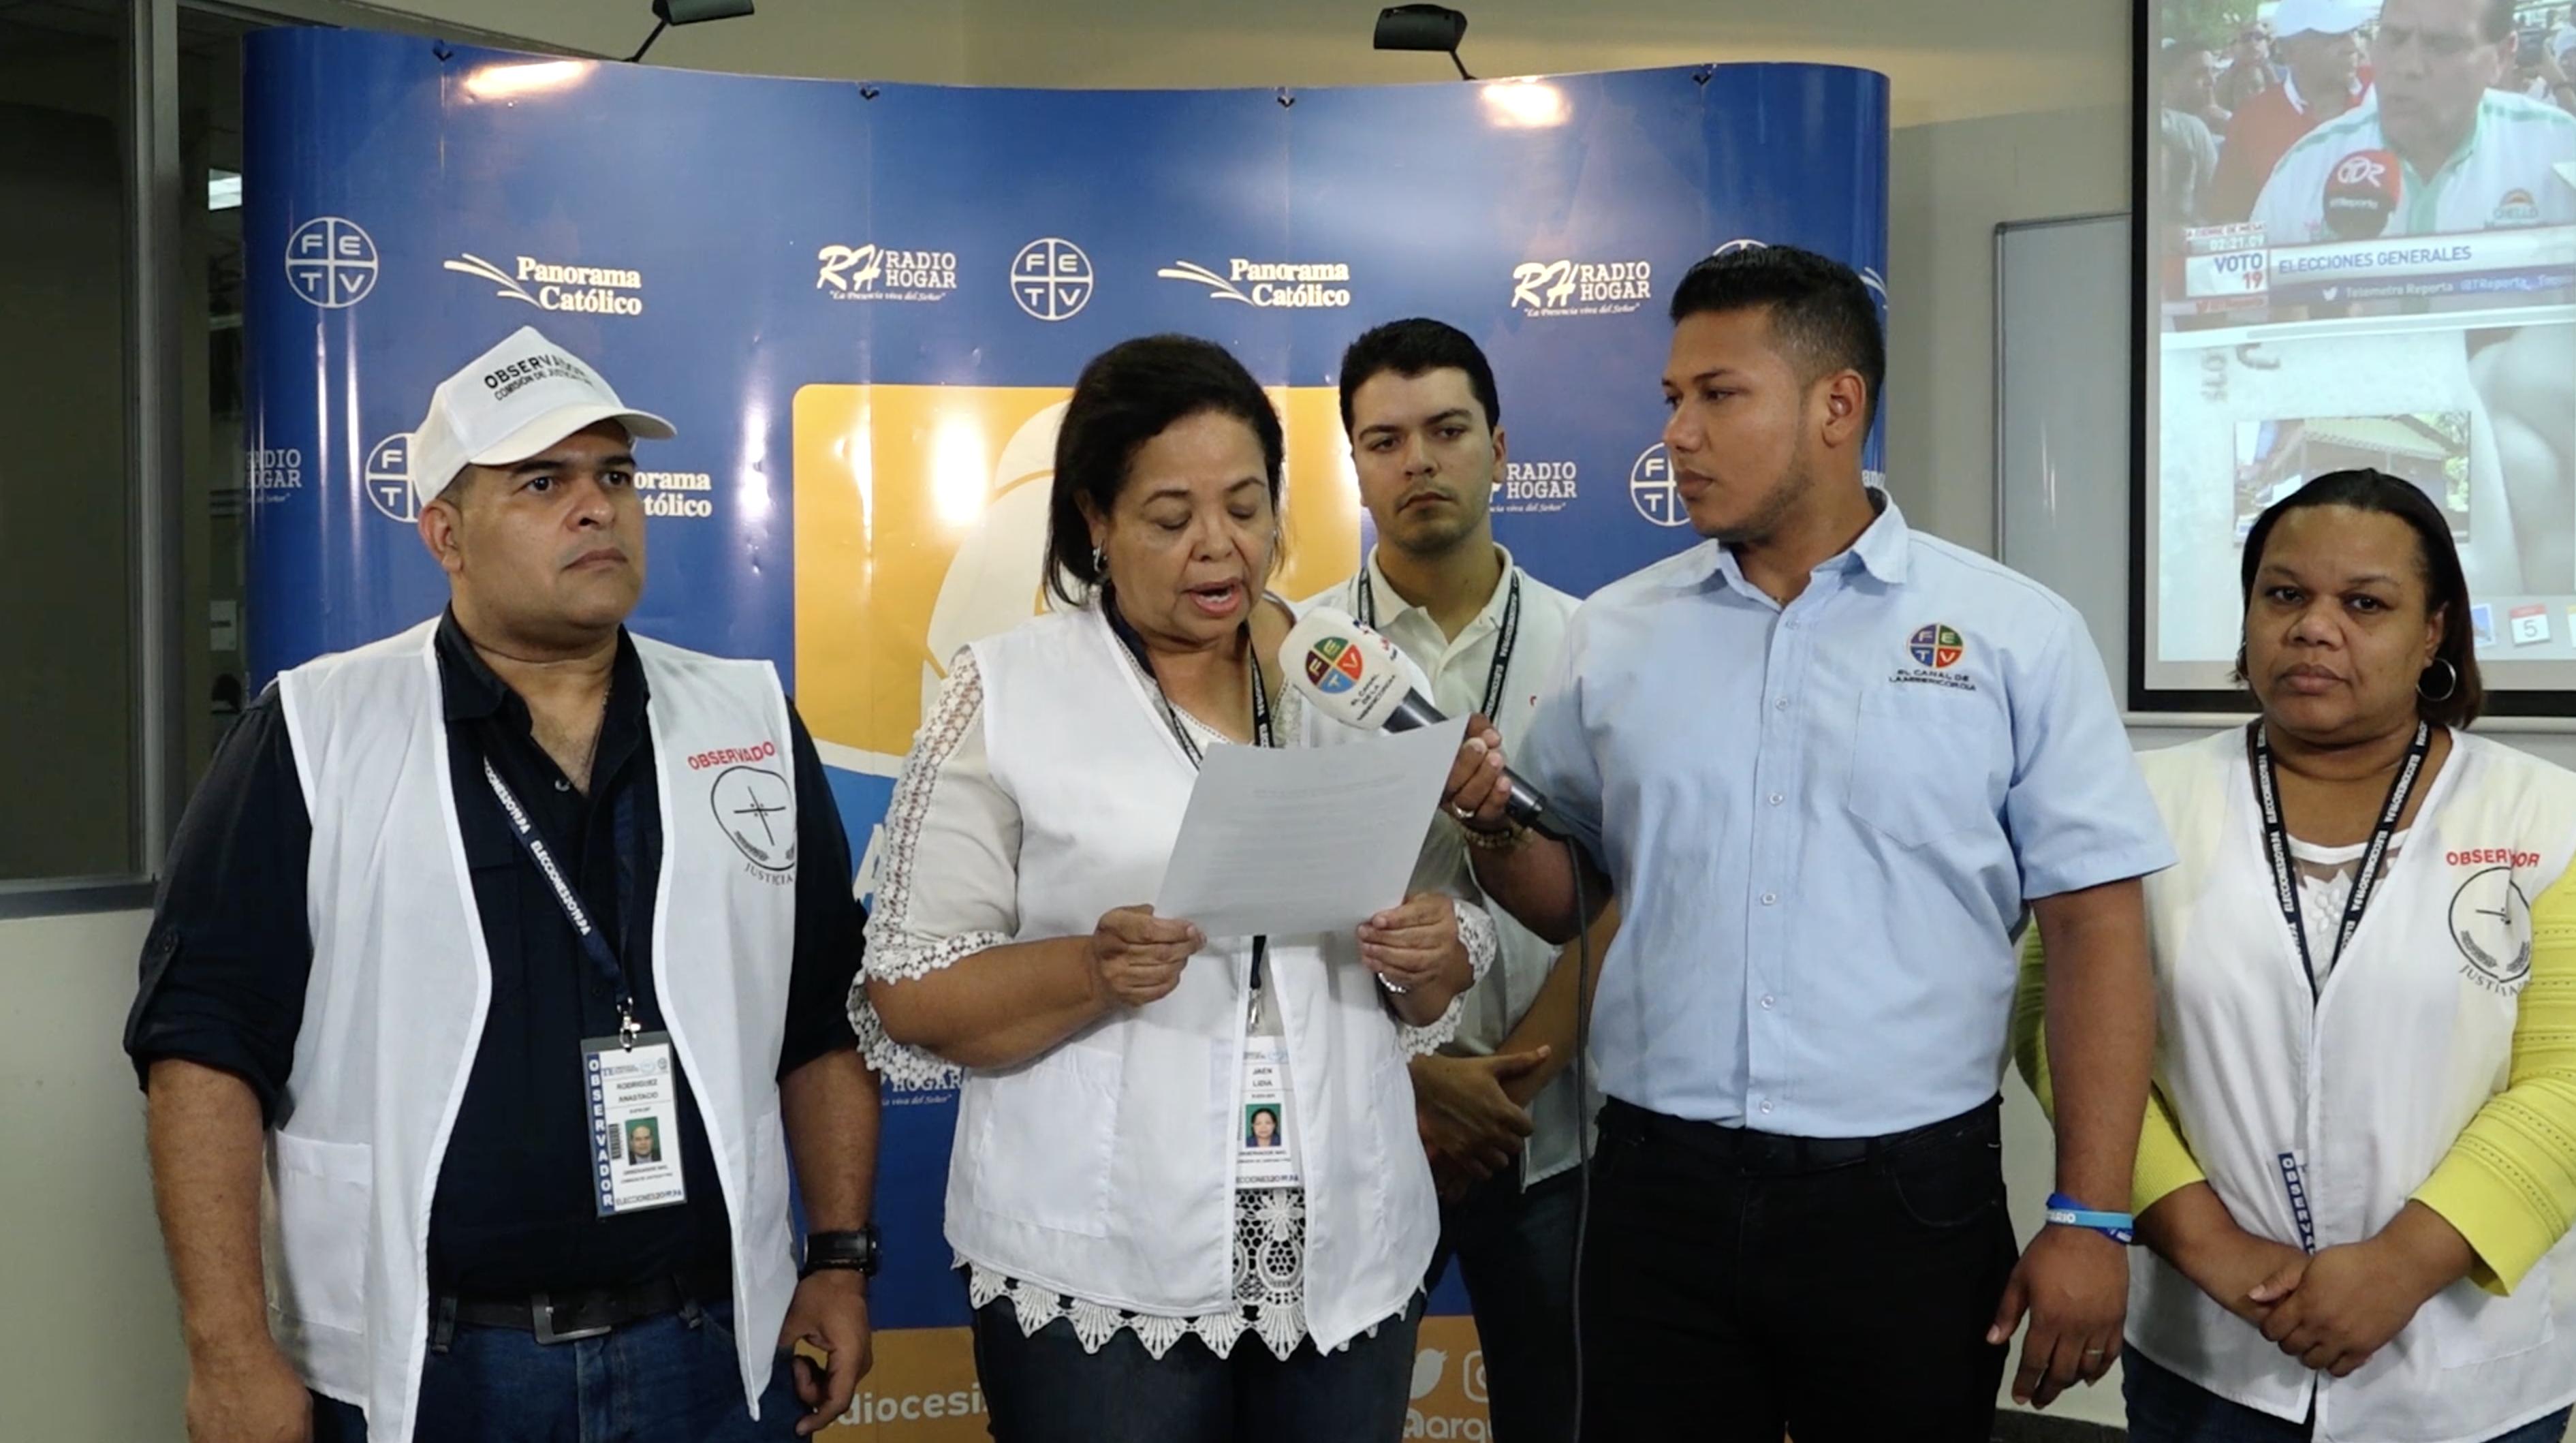 Comisión de Justicia y Paz envía primer reporte de incidencias de la jornada electoral